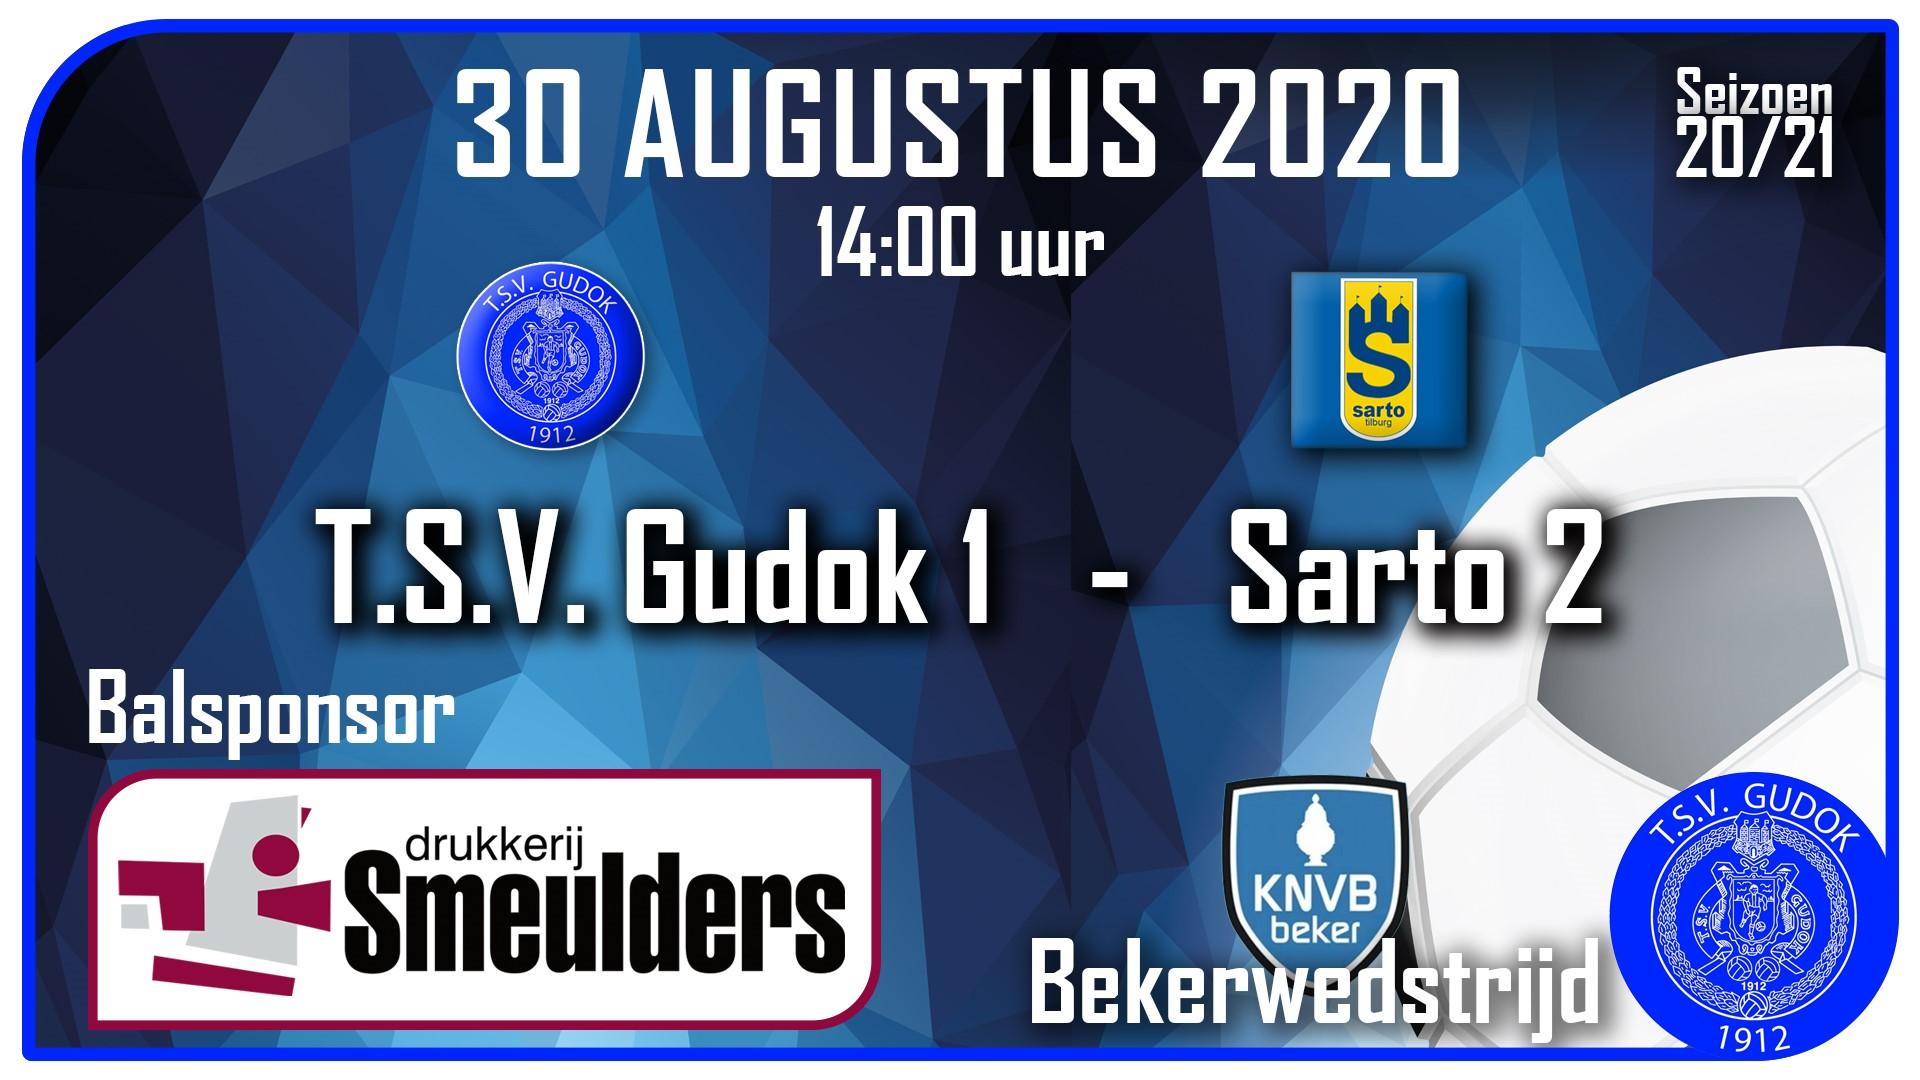 Gudok 1 - Sarto 2 (30-08-2020)